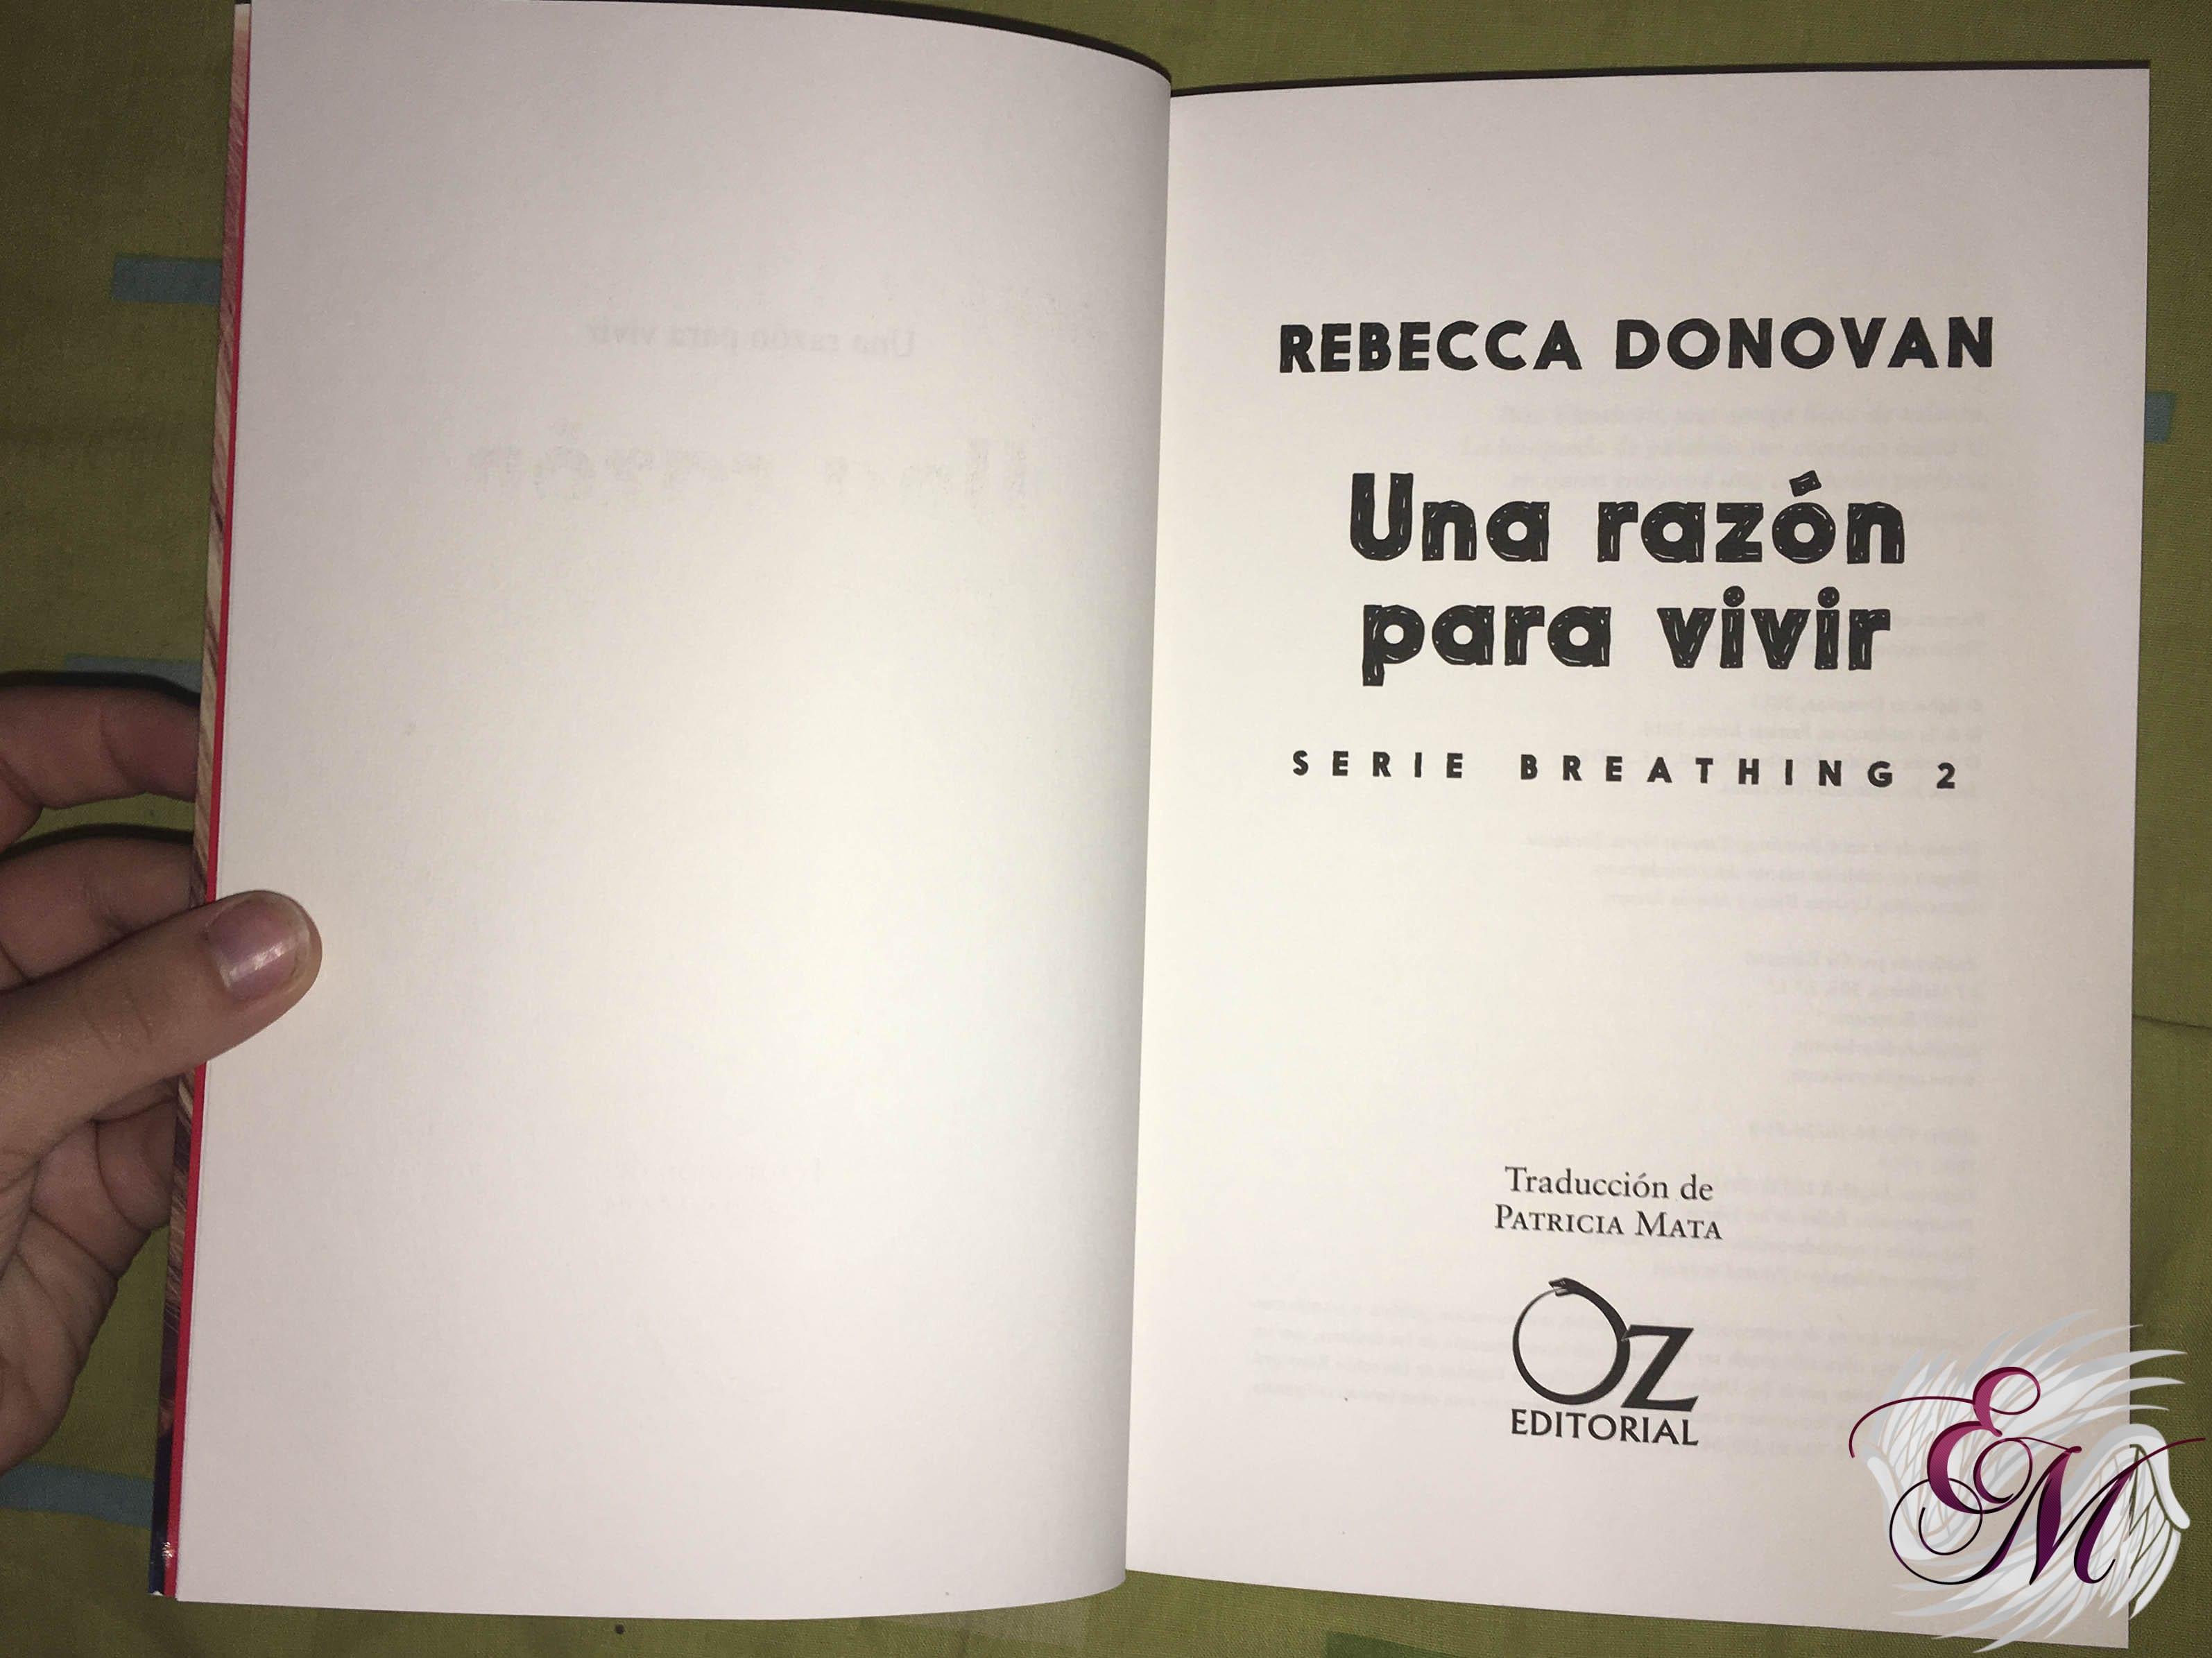 Una razón para vivir, de Rebecca Donovan - Reseña